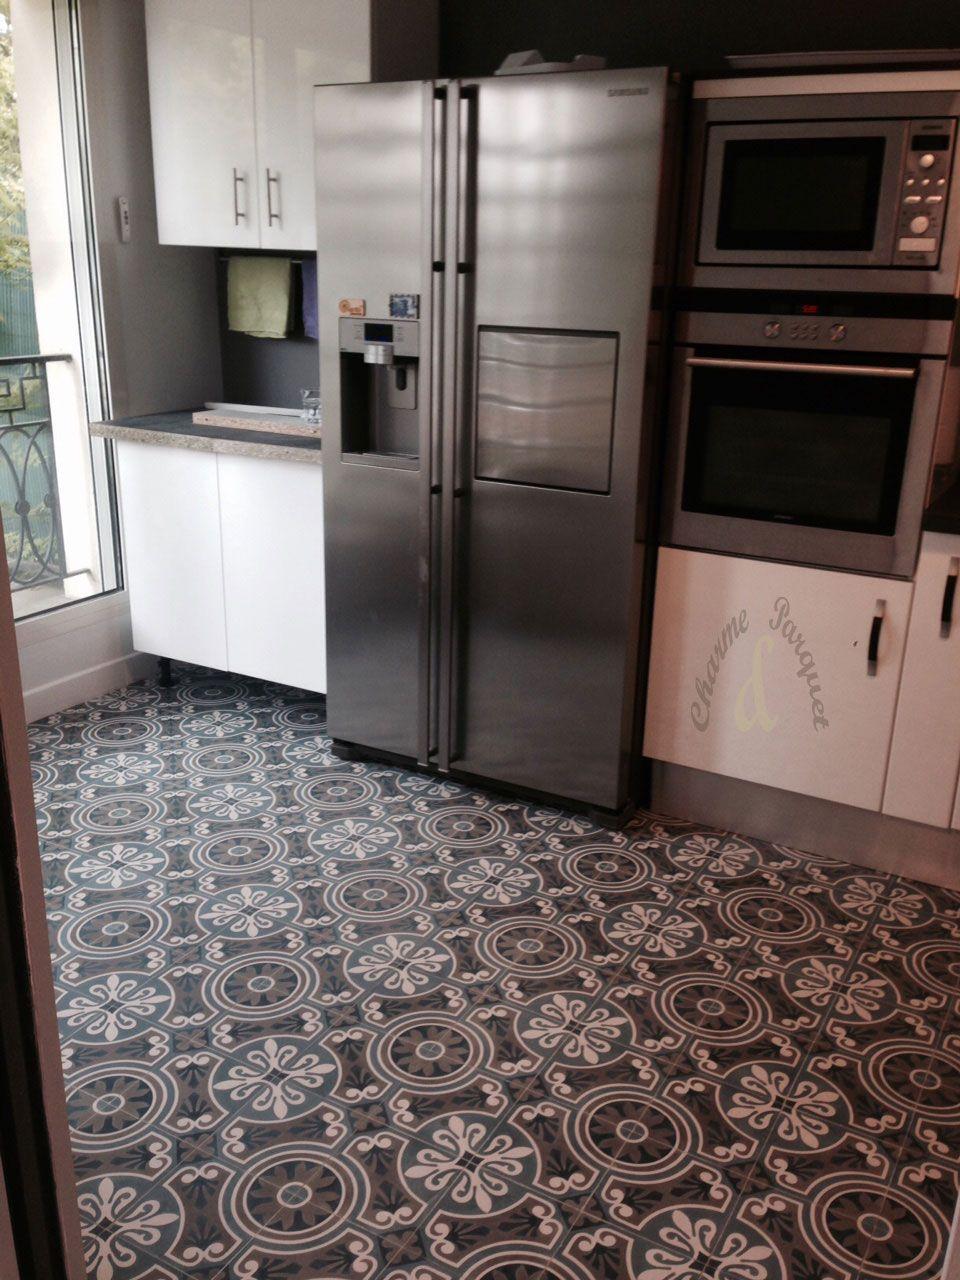 Modèle Carreaux Pour Cuisine carreaux de ciment dans une cuisine (modèle ch 44-3